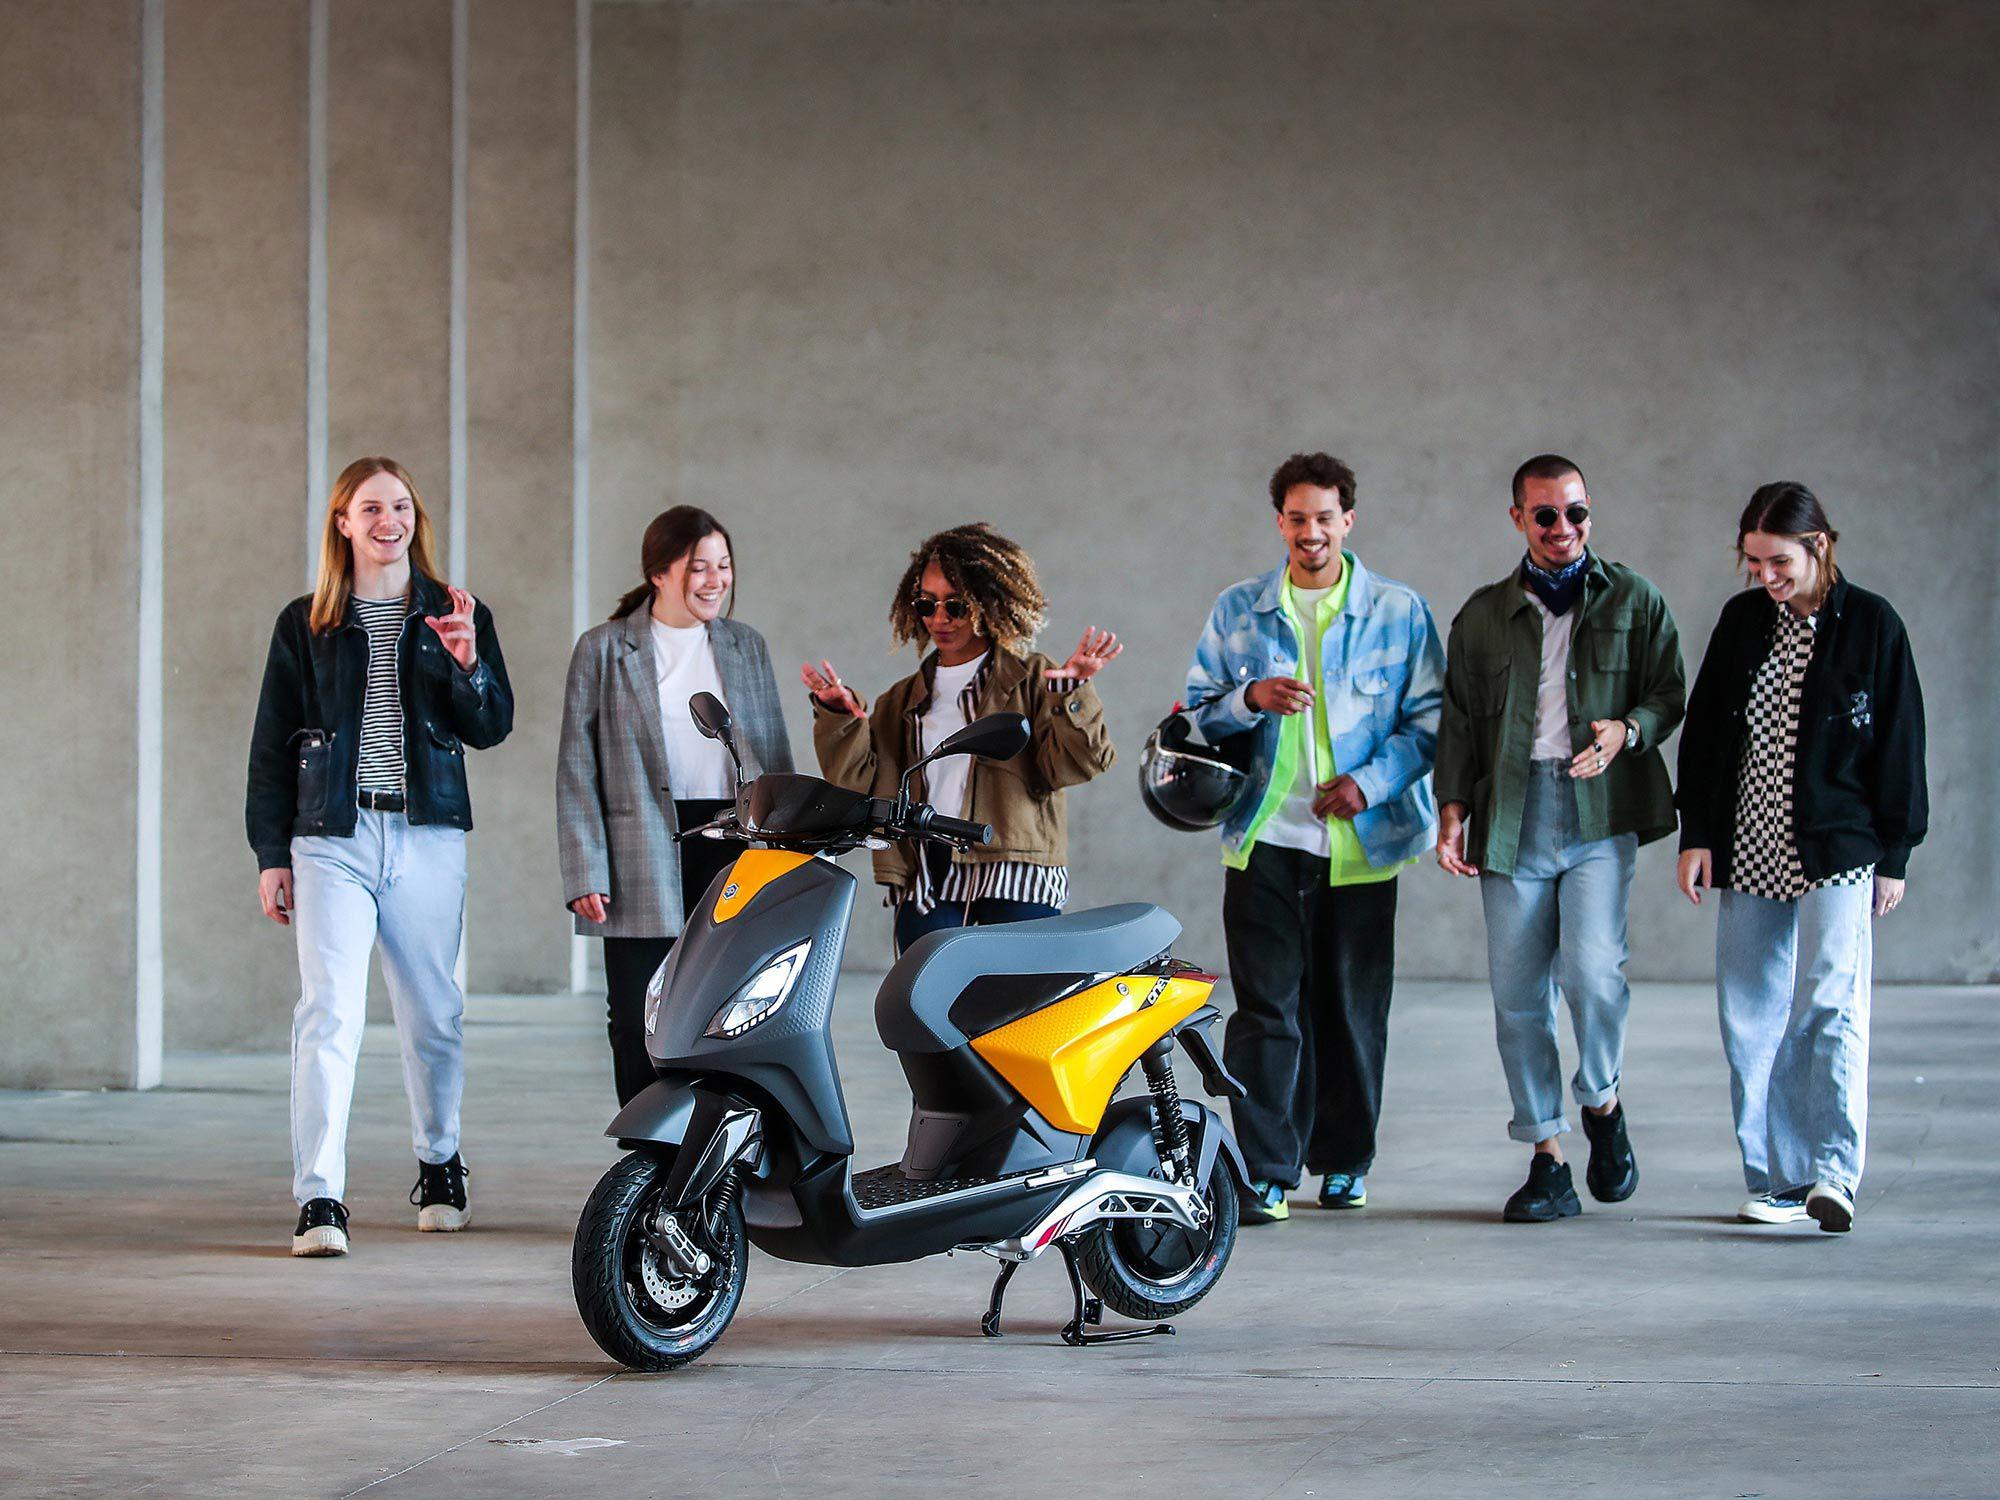 The One is bedoeld voor jonge rijders met een betaalbare prijs en 4 kW vermogen.